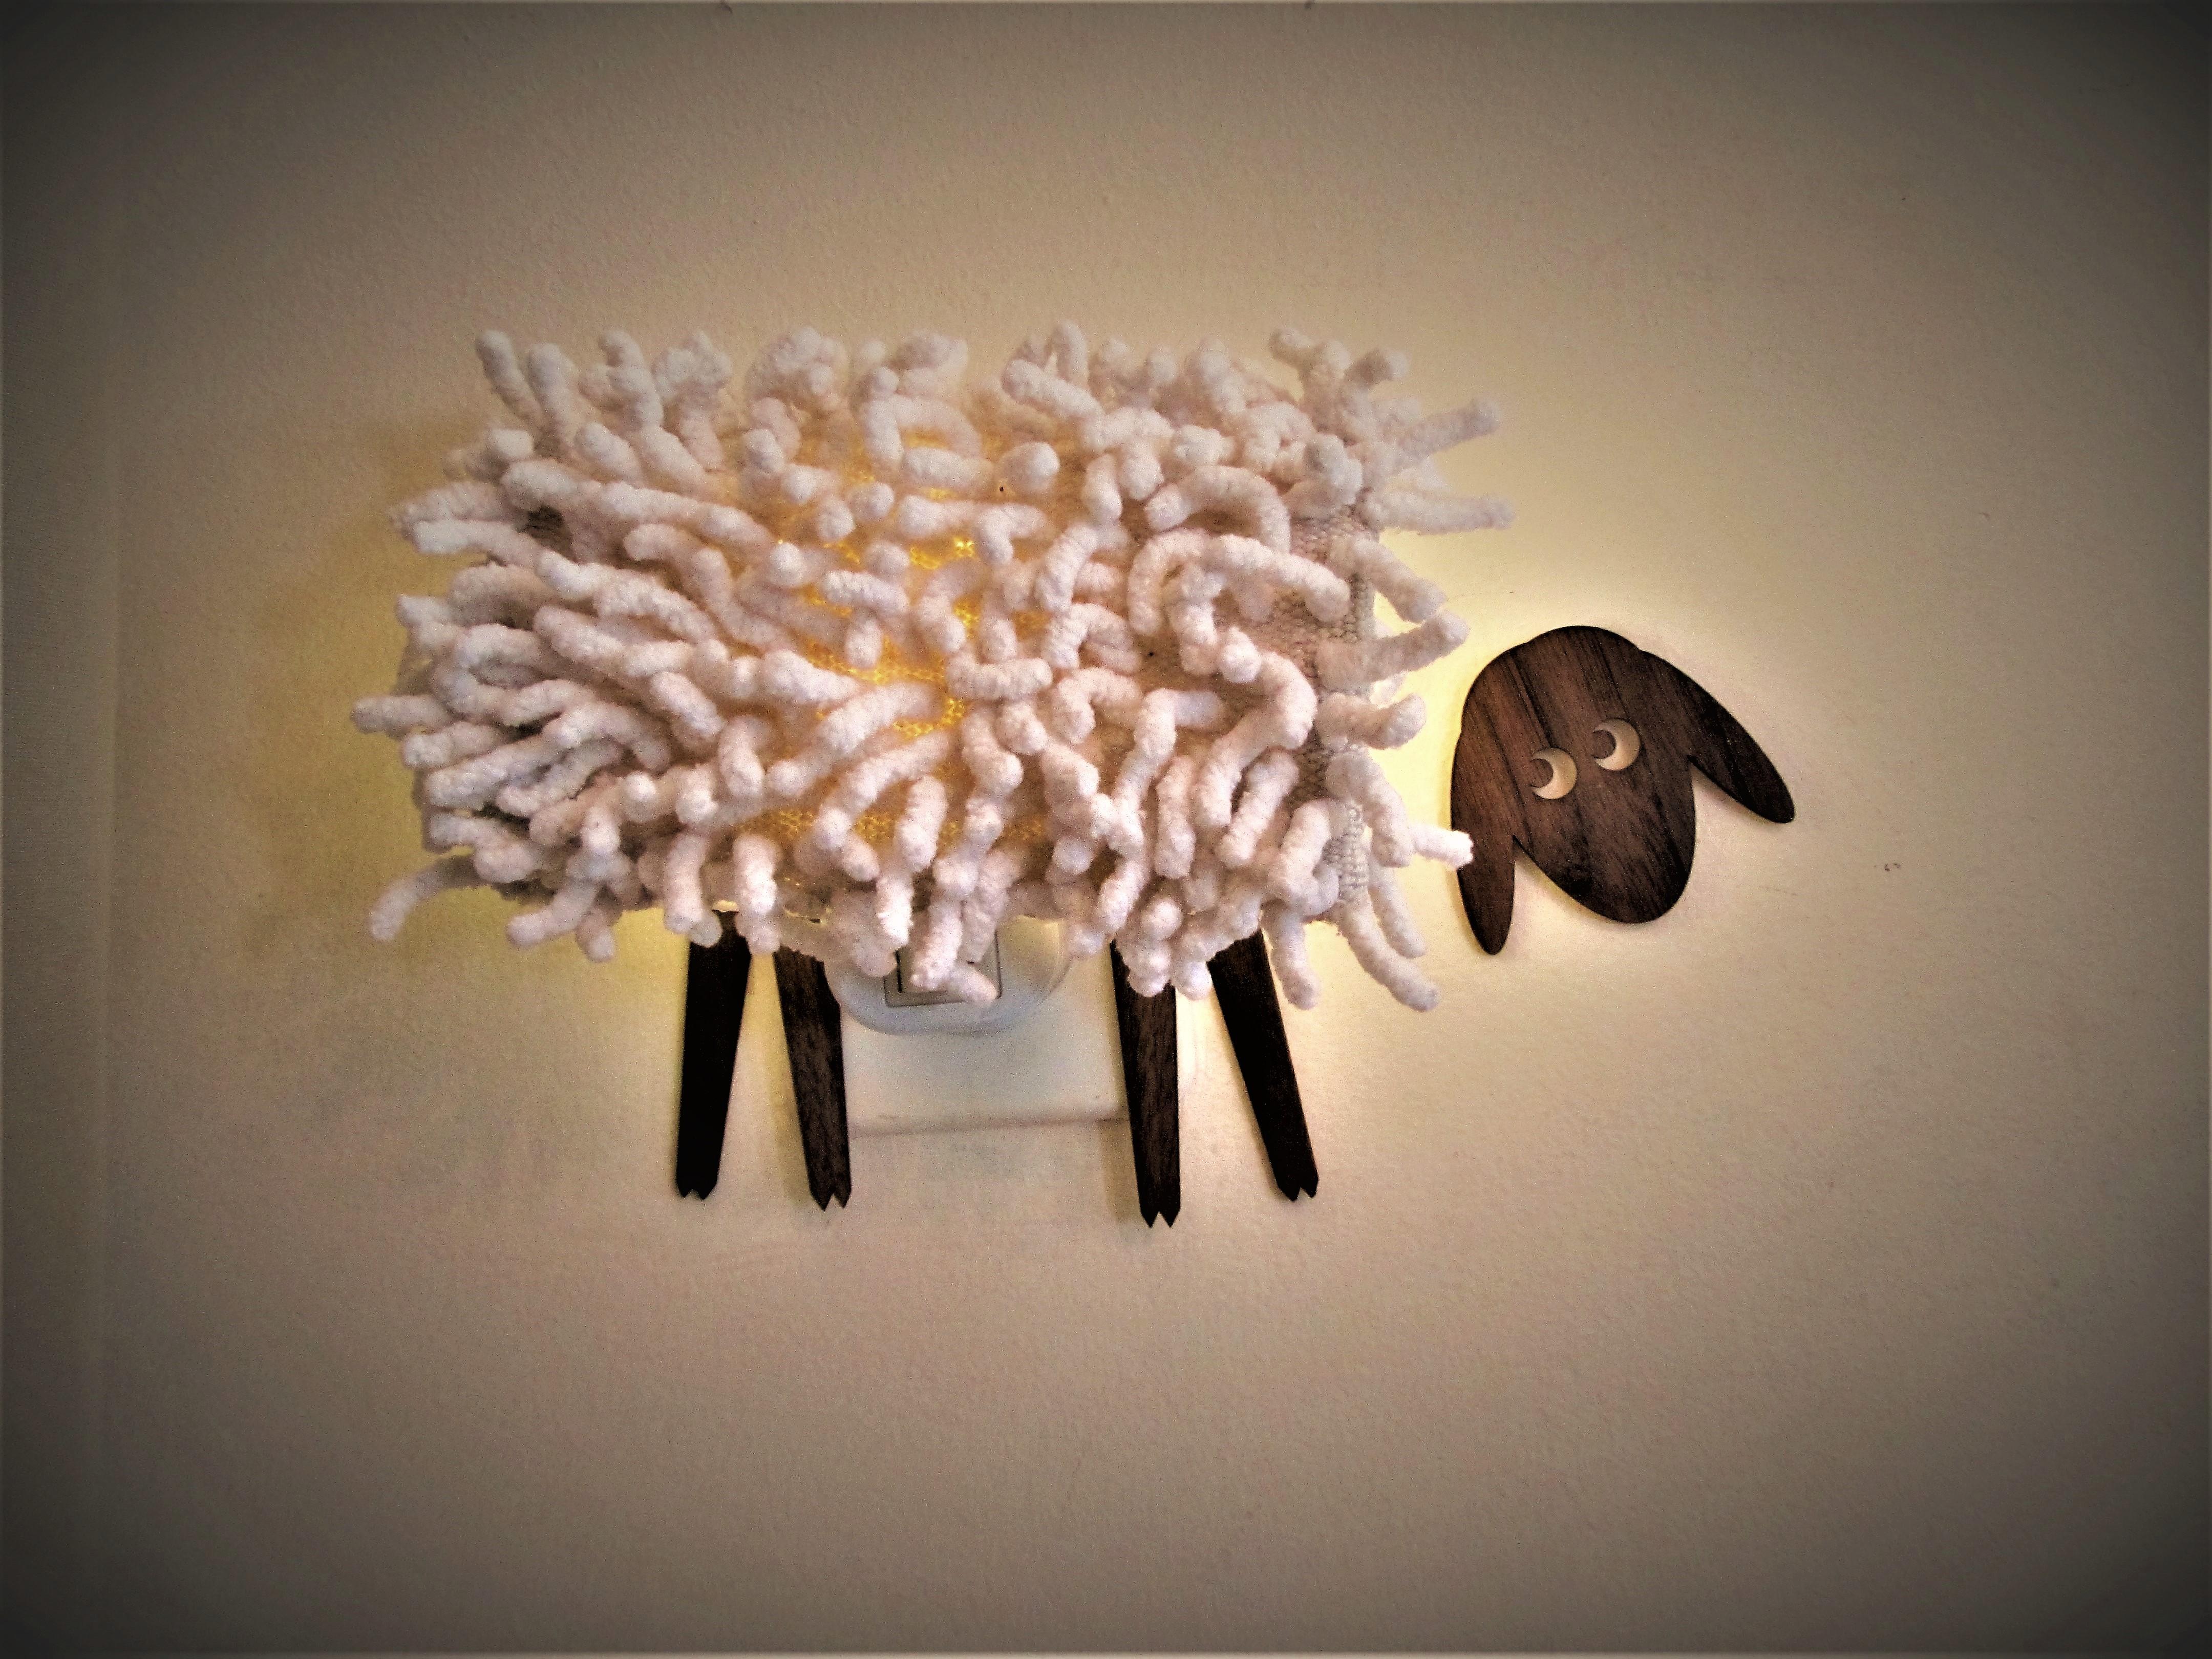 מנורת לילה - כבשה